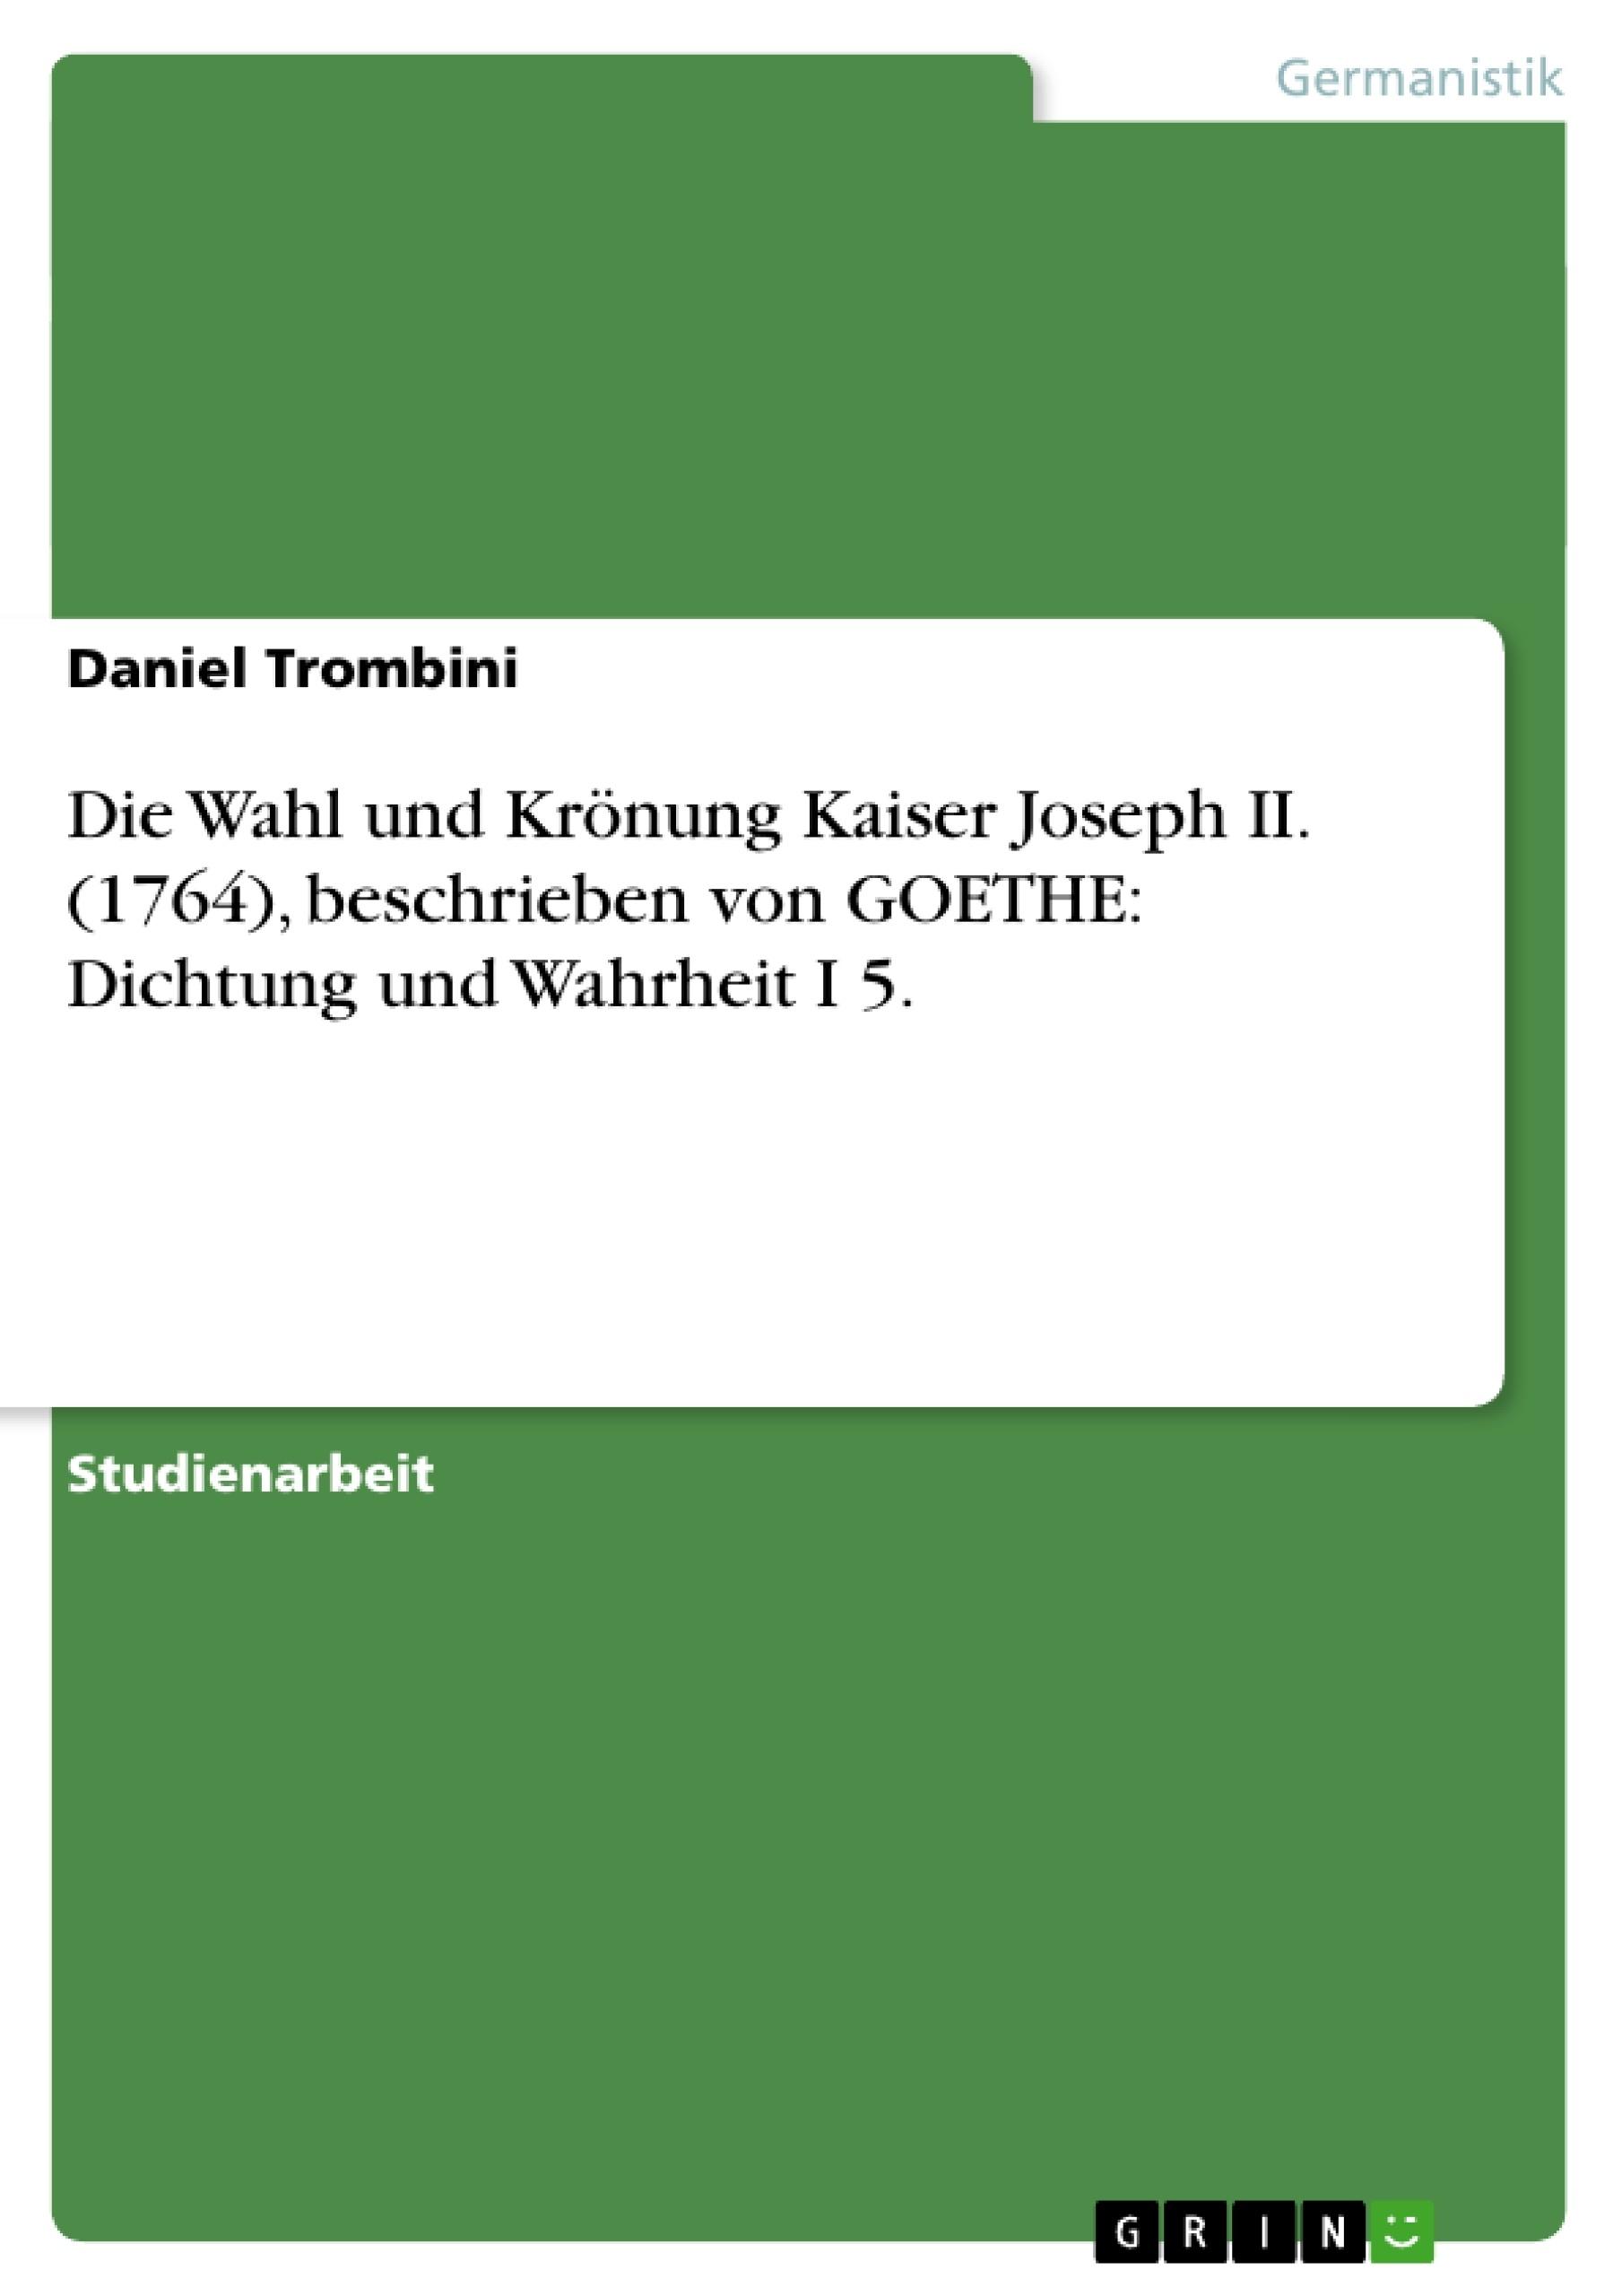 Titel: Die Wahl und Krönung Kaiser Joseph II. (1764), beschrieben von GOETHE: Dichtung und Wahrheit I 5.